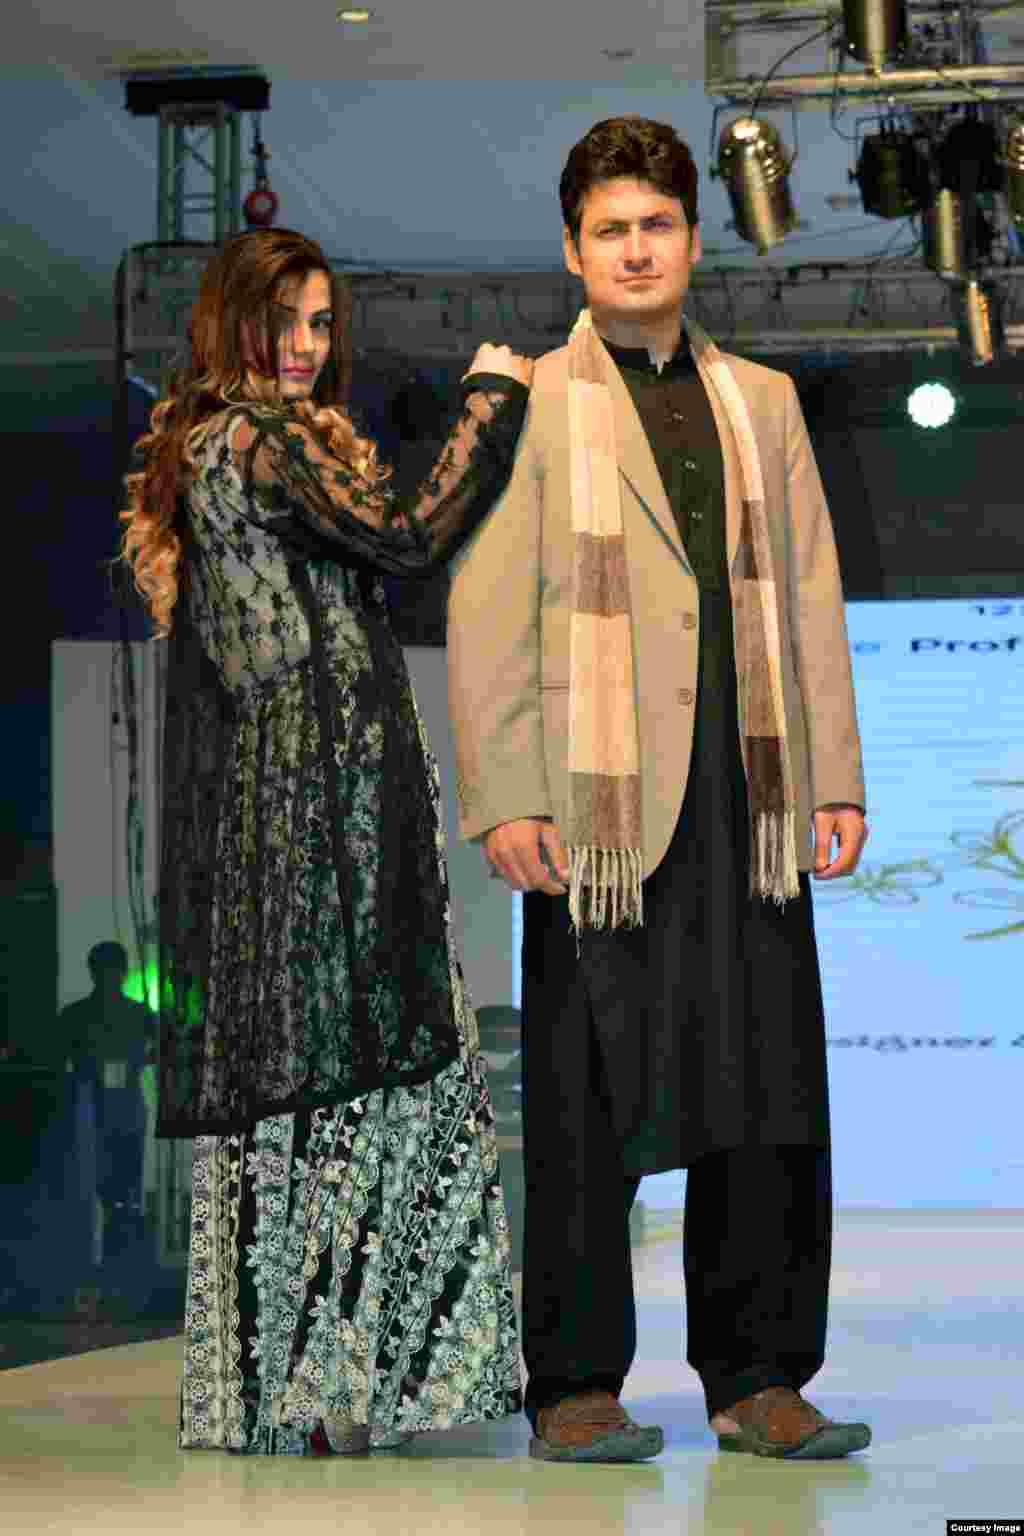 اس فیشن شومیں مقامی ڈ یزائنرمحمدعلی اورجگنو کے تیار کردہ ملبوسات نمائش کے لیے پیش کیے۔